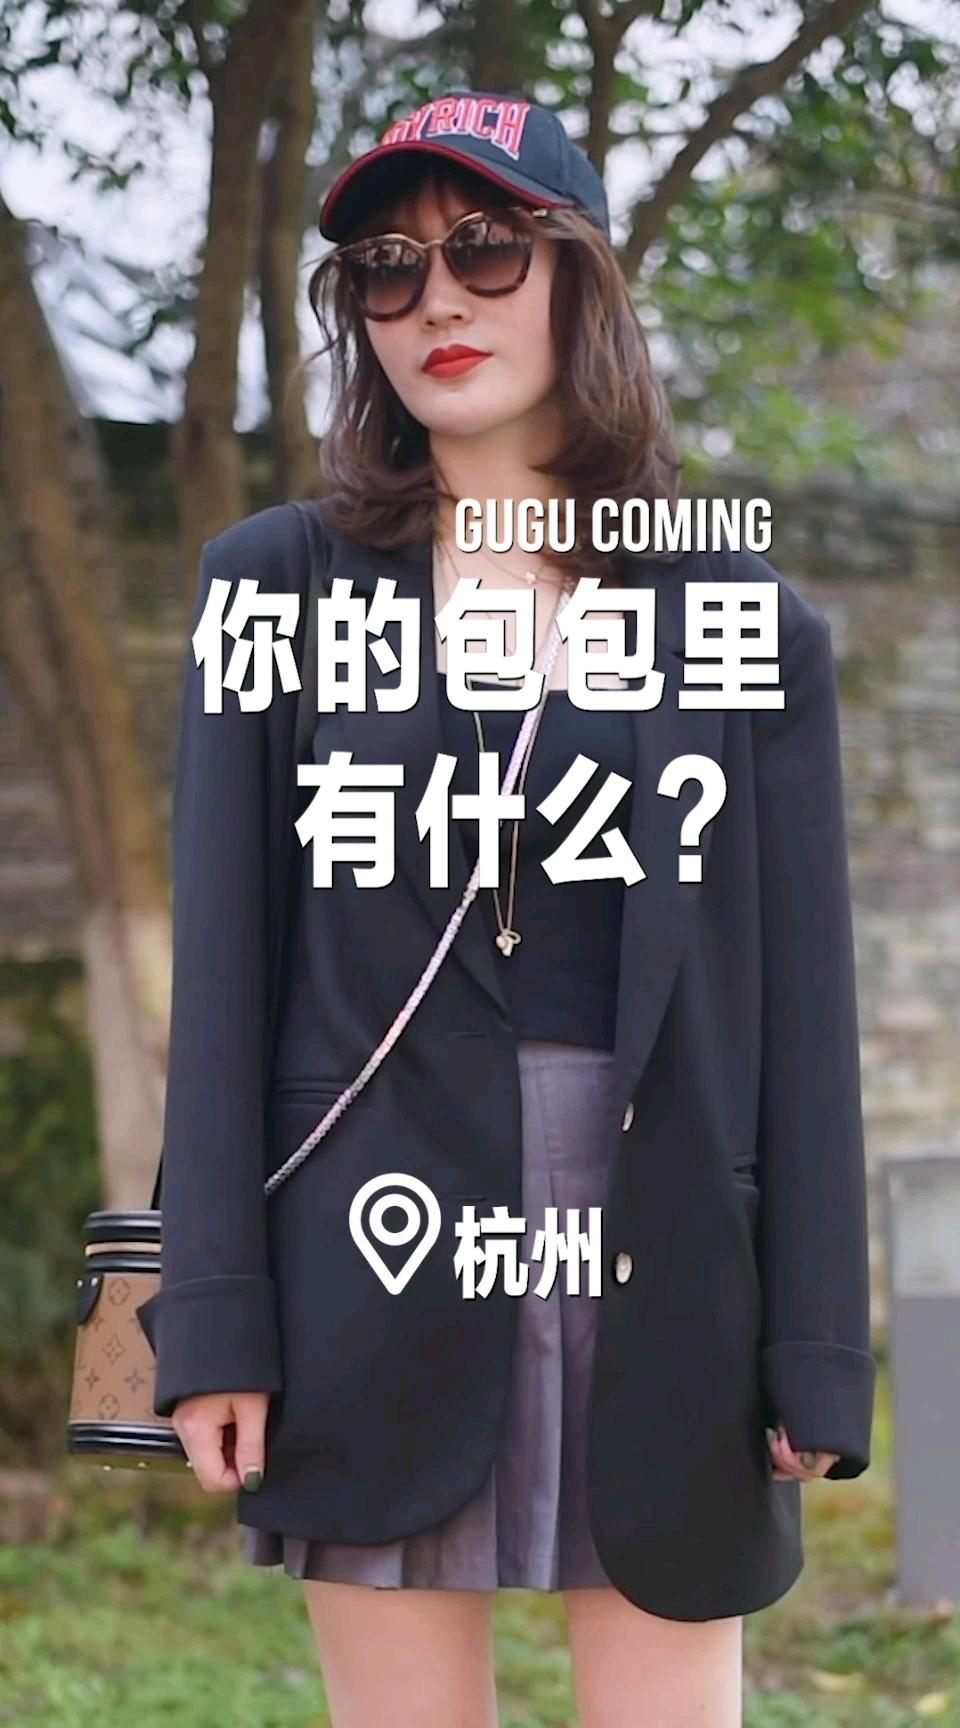 lv走秀款包包竟然这么能装!#杭州#小仙女们出门包包里会装哪些化妆品呀?